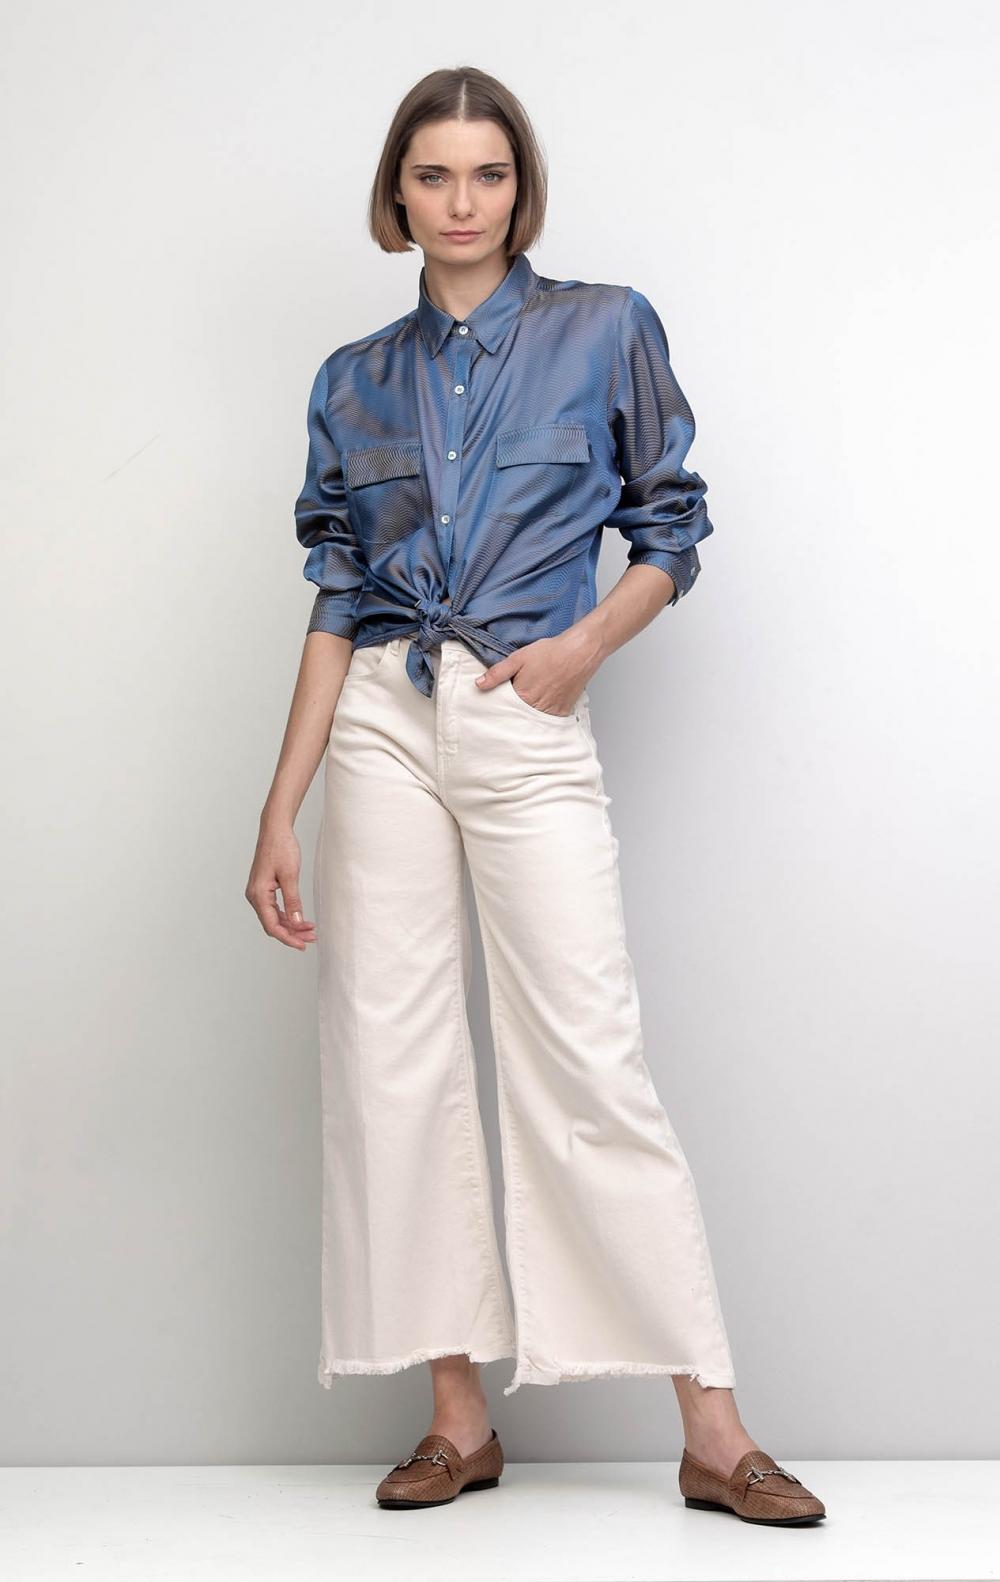 Camisa Macau Furtacor - Foto 1